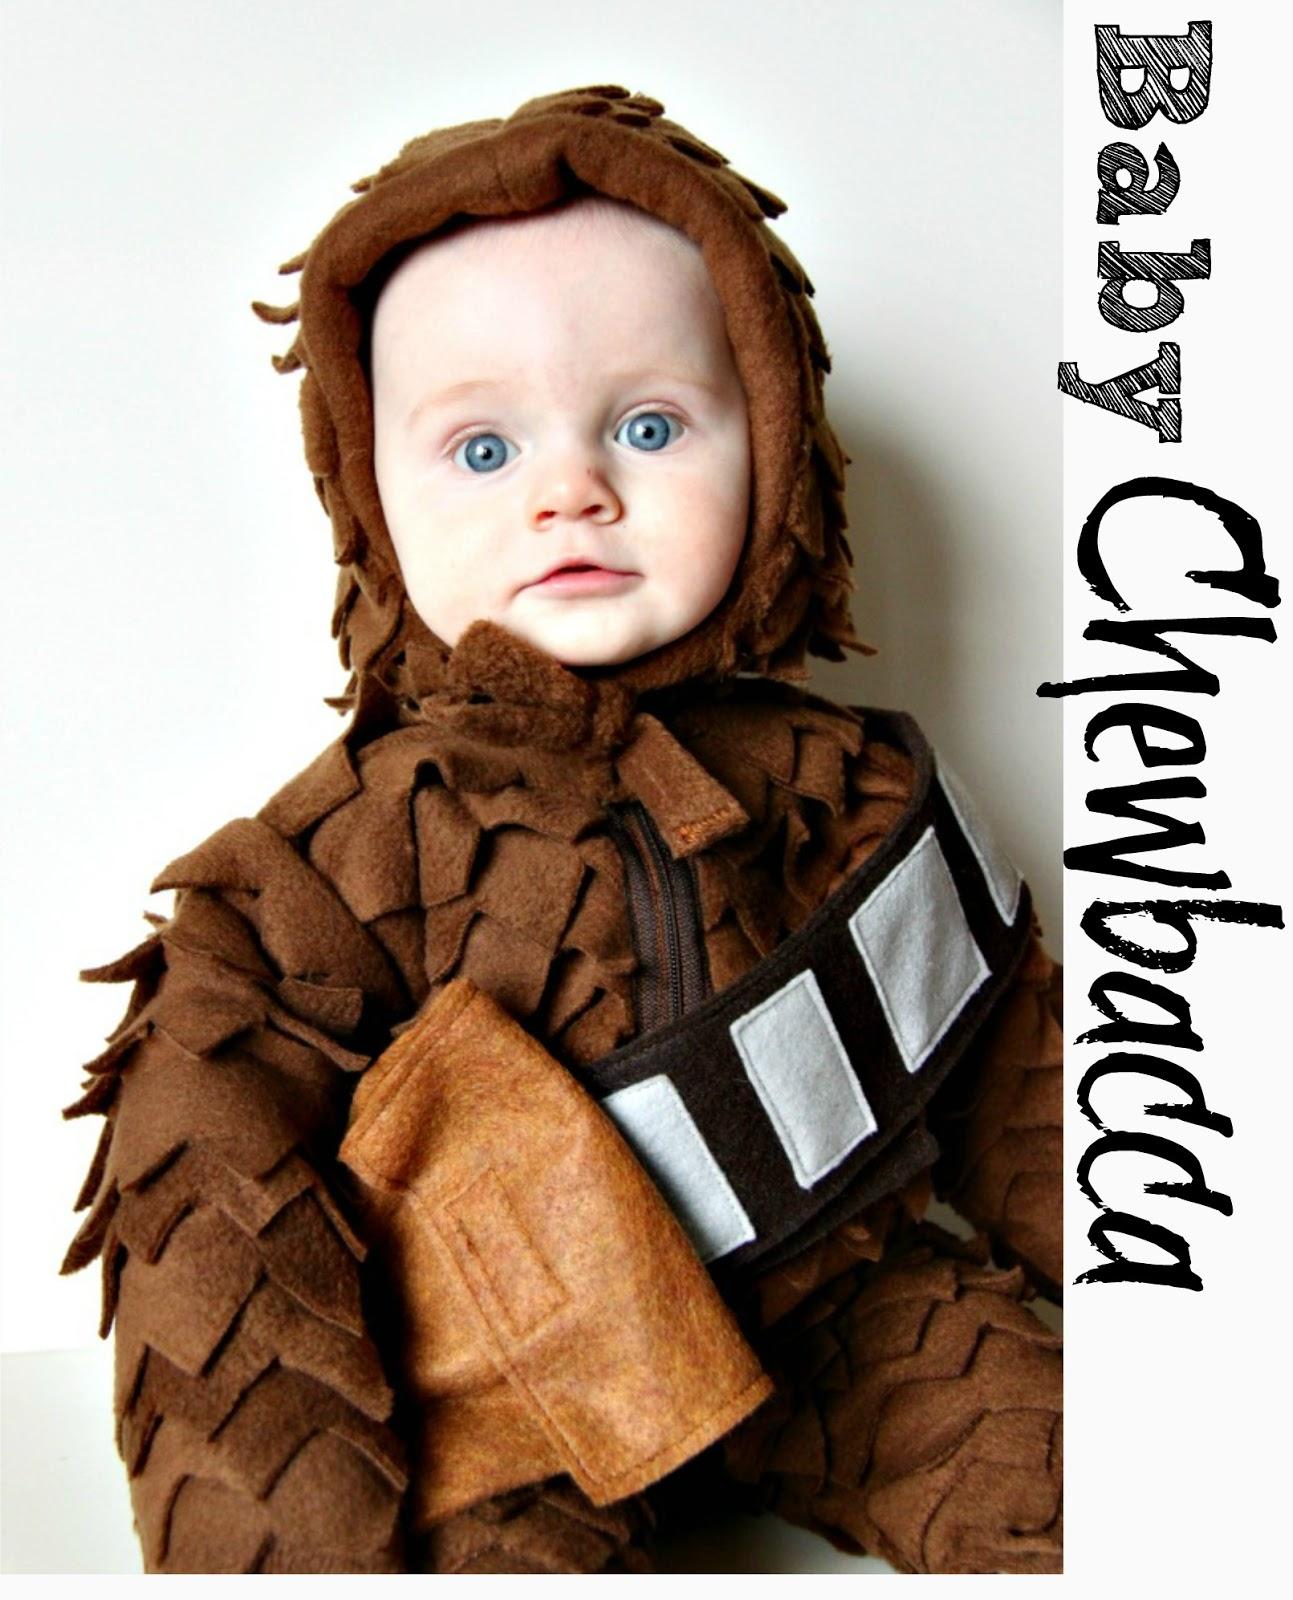 Baby Chewbacca Art Baby chewbacca costumeBaby Chewbacca Art